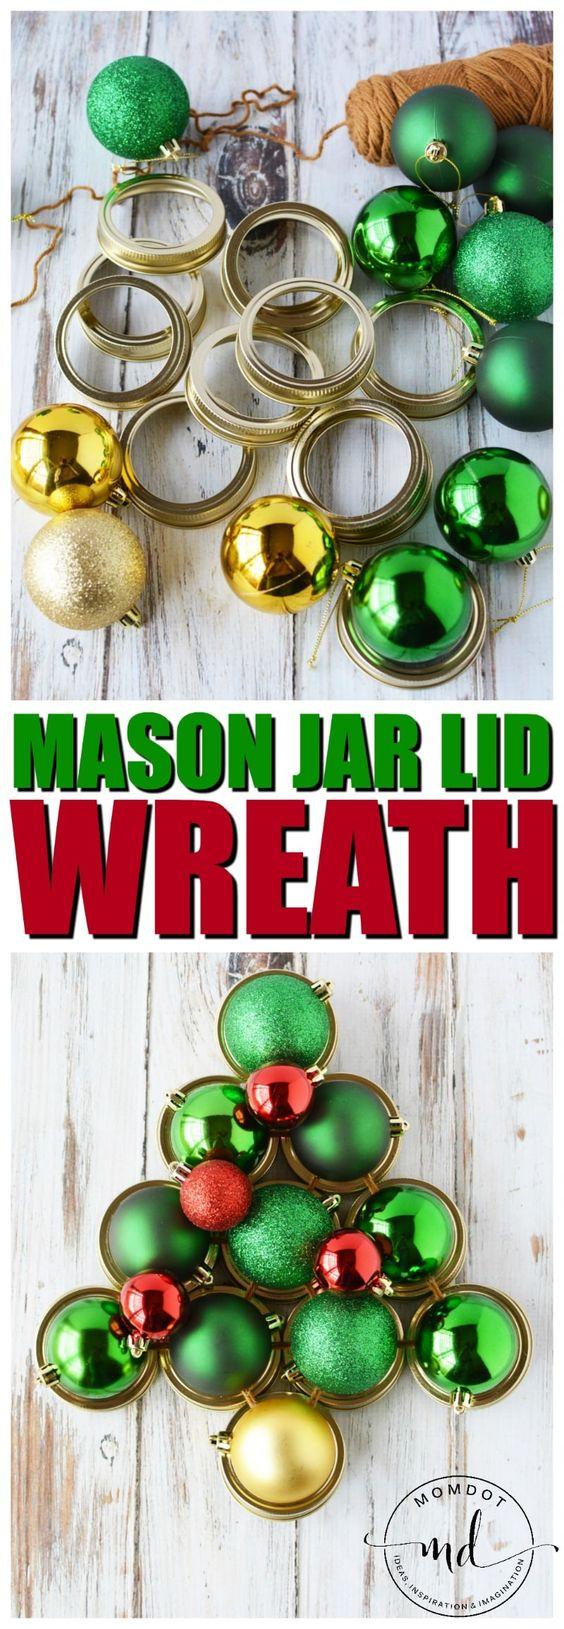 梅森罐子盖花圈工艺品,如何创建任何尺寸的圣诞盖花圈教程,梅森罐工艺教程使用罐头盖塑造一棵树